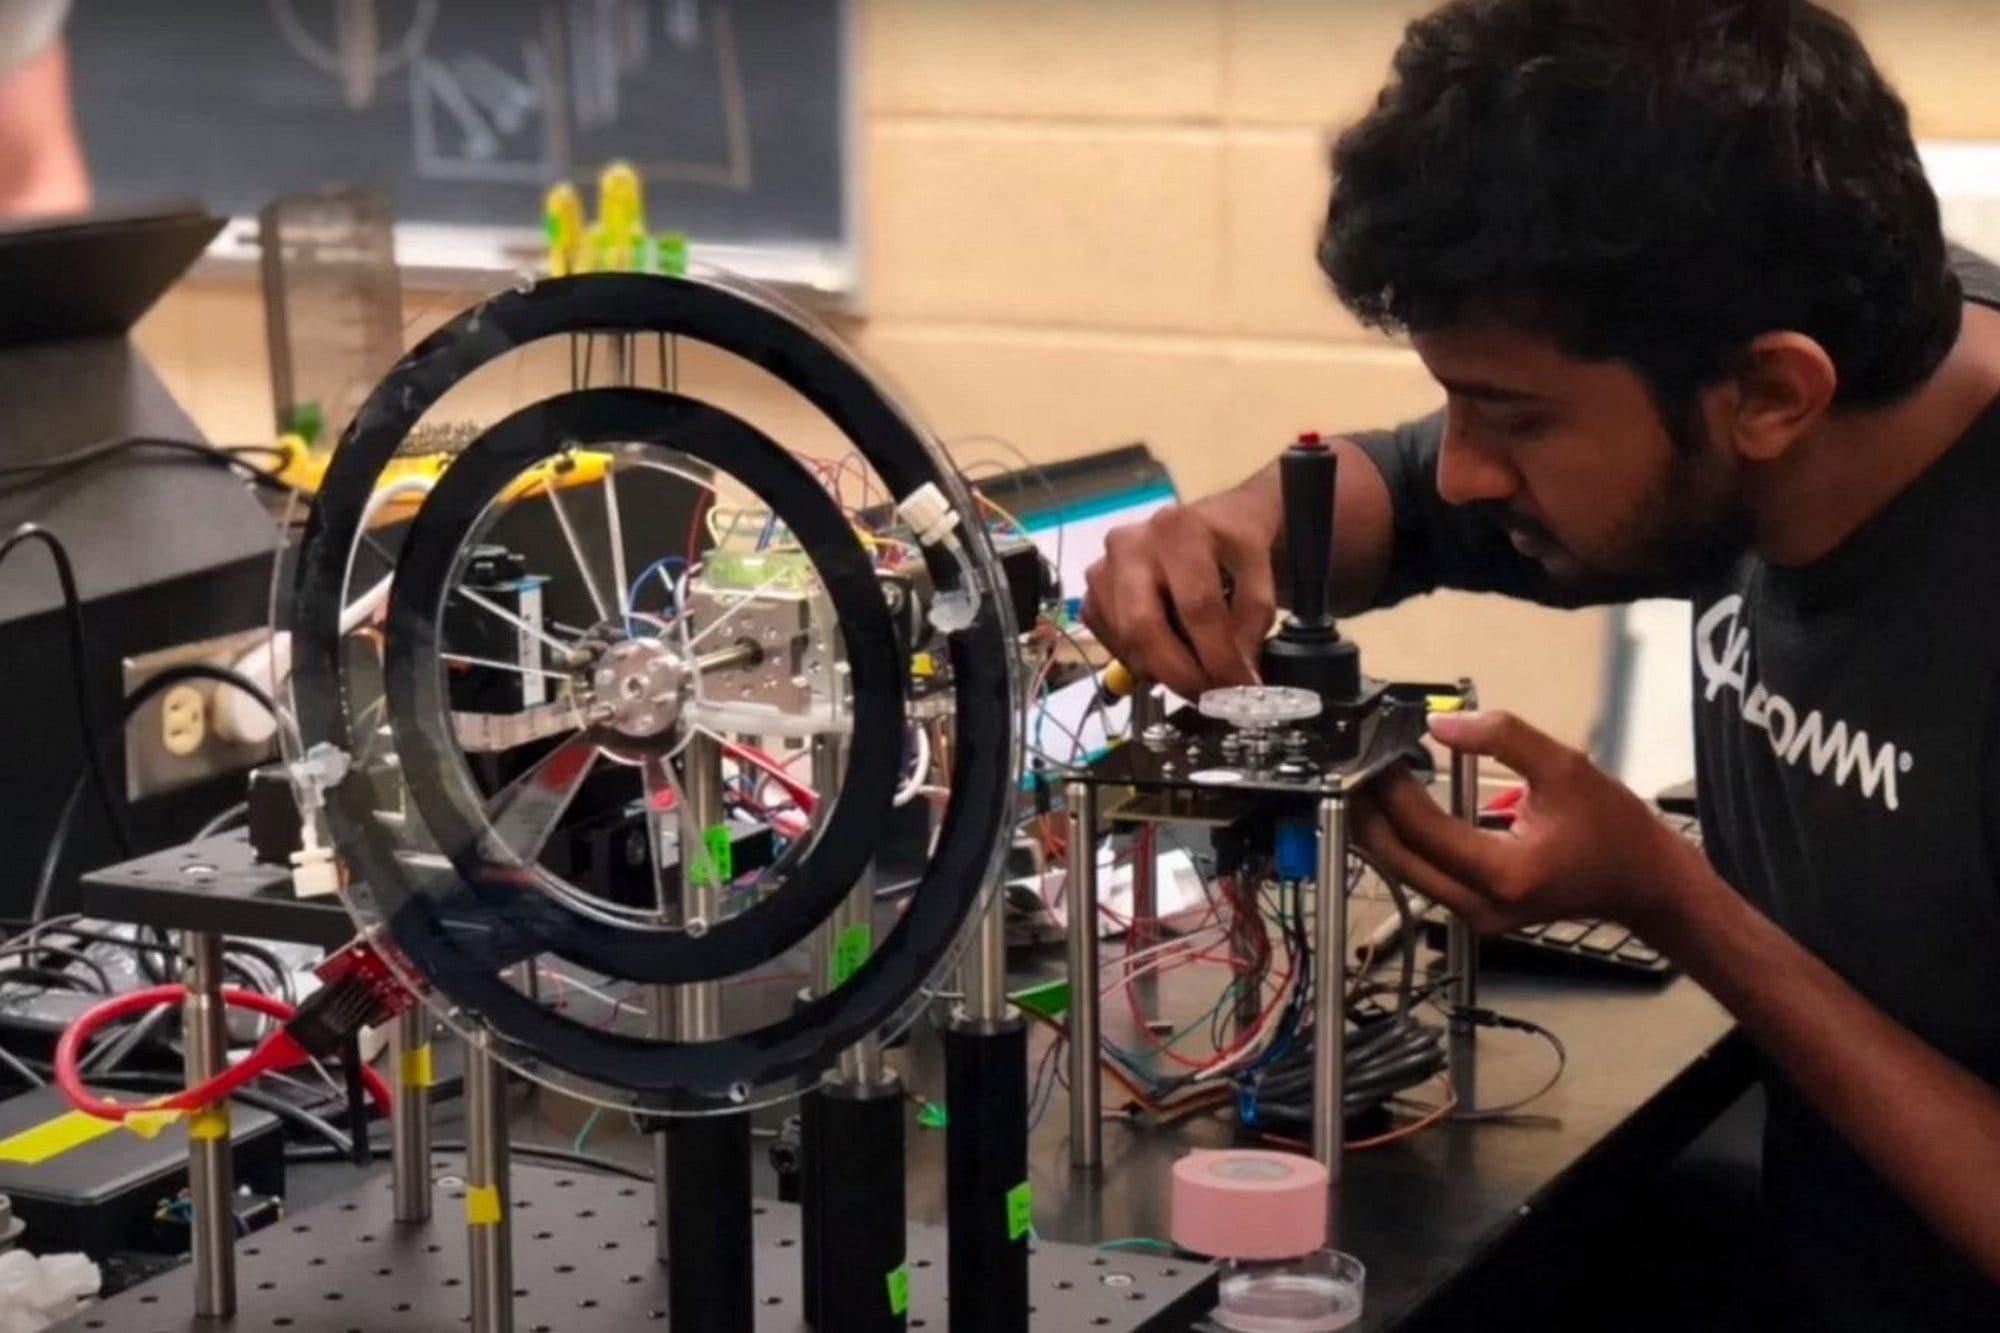 Crean un microscopio giratorio vertical para estudiar el comportamiento de la vida marina